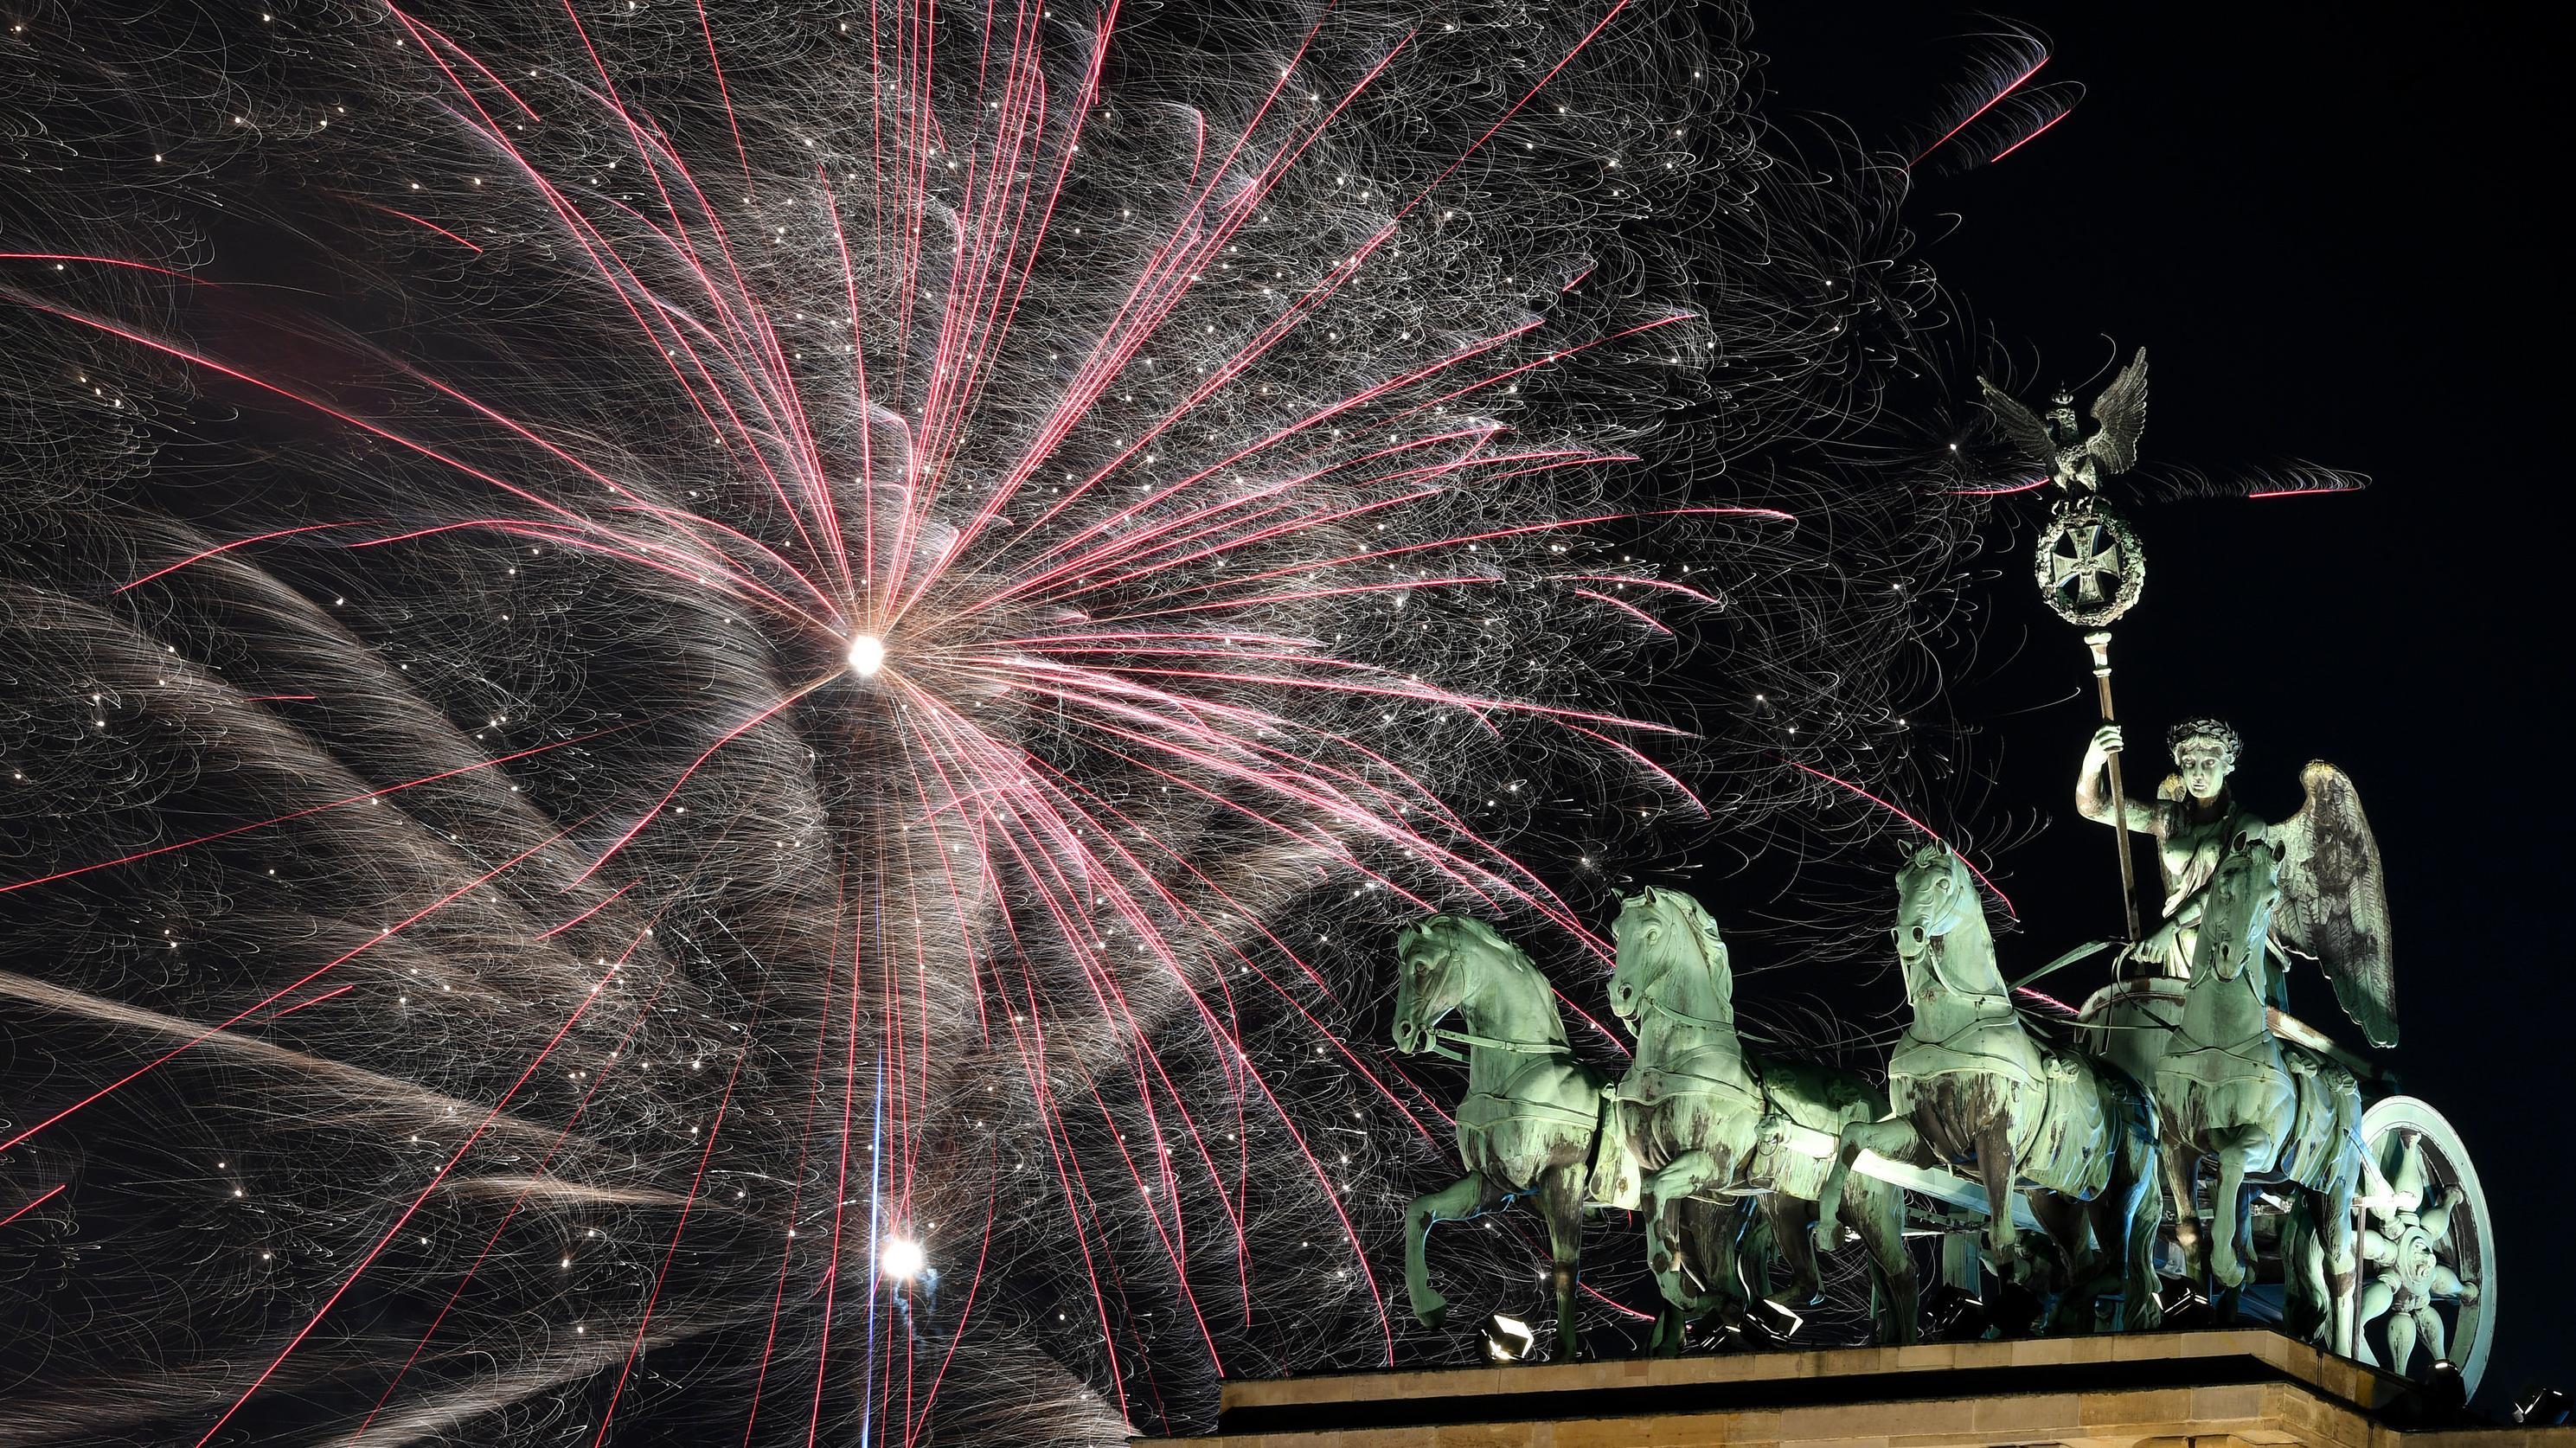 Feuerwerk über dem Brandenburger Tor in Berlin.